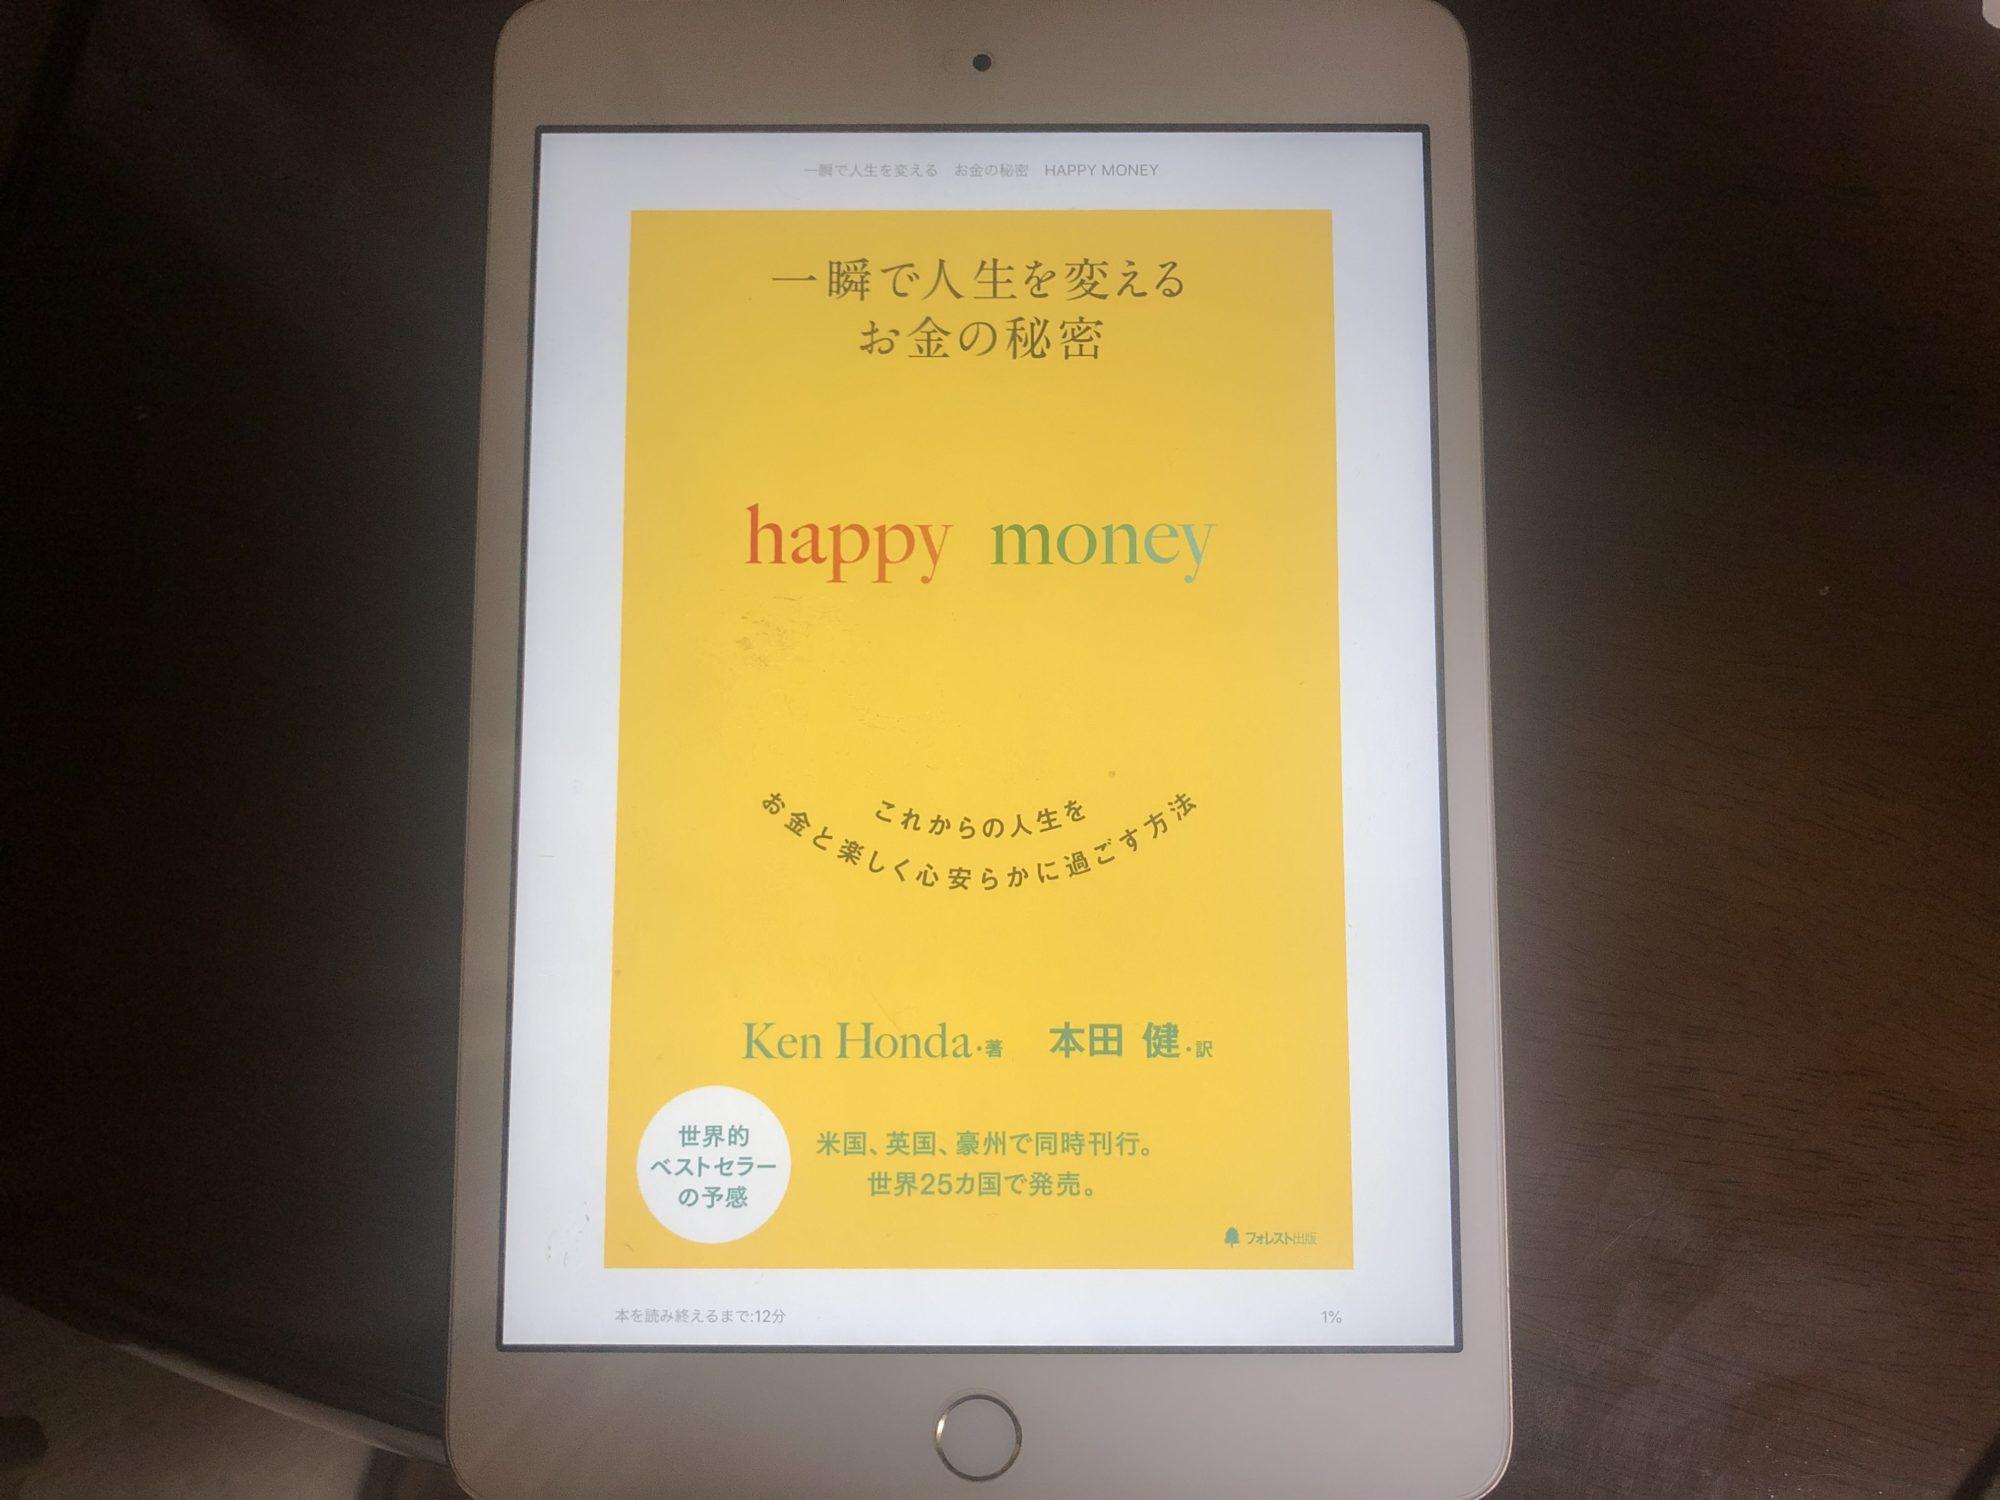 お金に対する感情を知る~一瞬で人生を変えるお金の秘密 Happy Money[書評]その1~